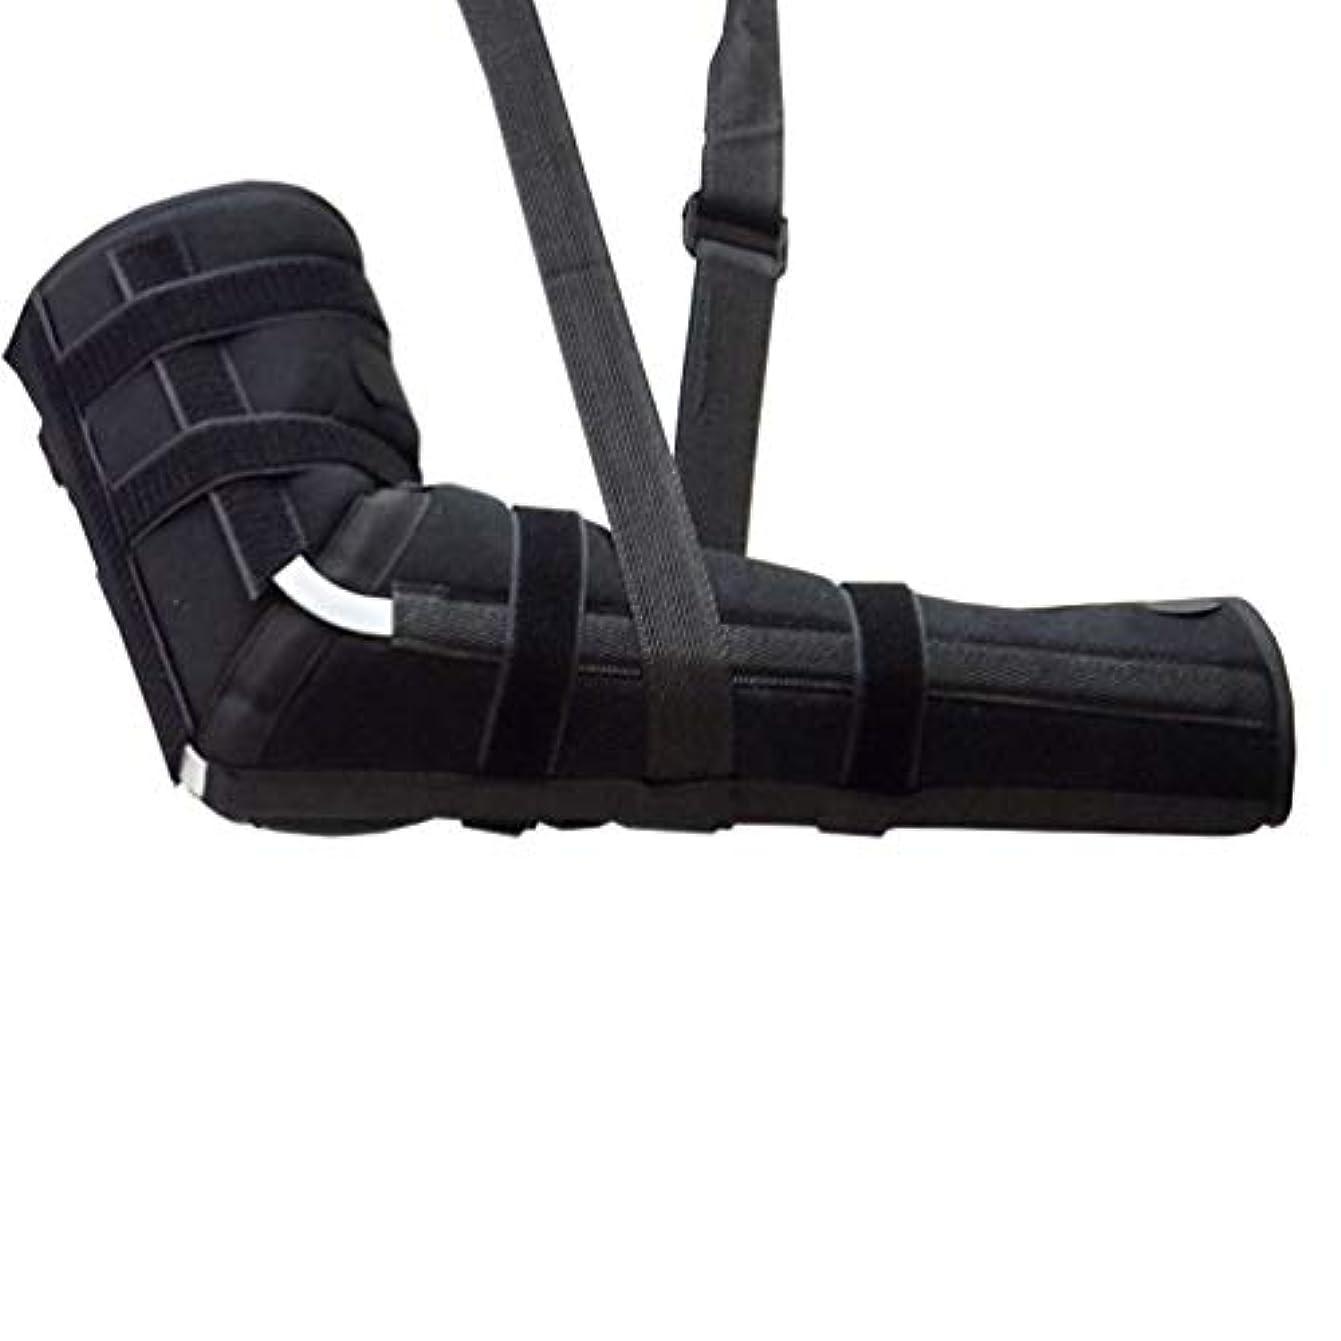 思い出す引き金壊すSUPVOX アームリーダー 腕つり用サポーター アームホルダー 安定感 通気性抜群 骨折 脱臼 脱臼時のギプス固定に 調節可能